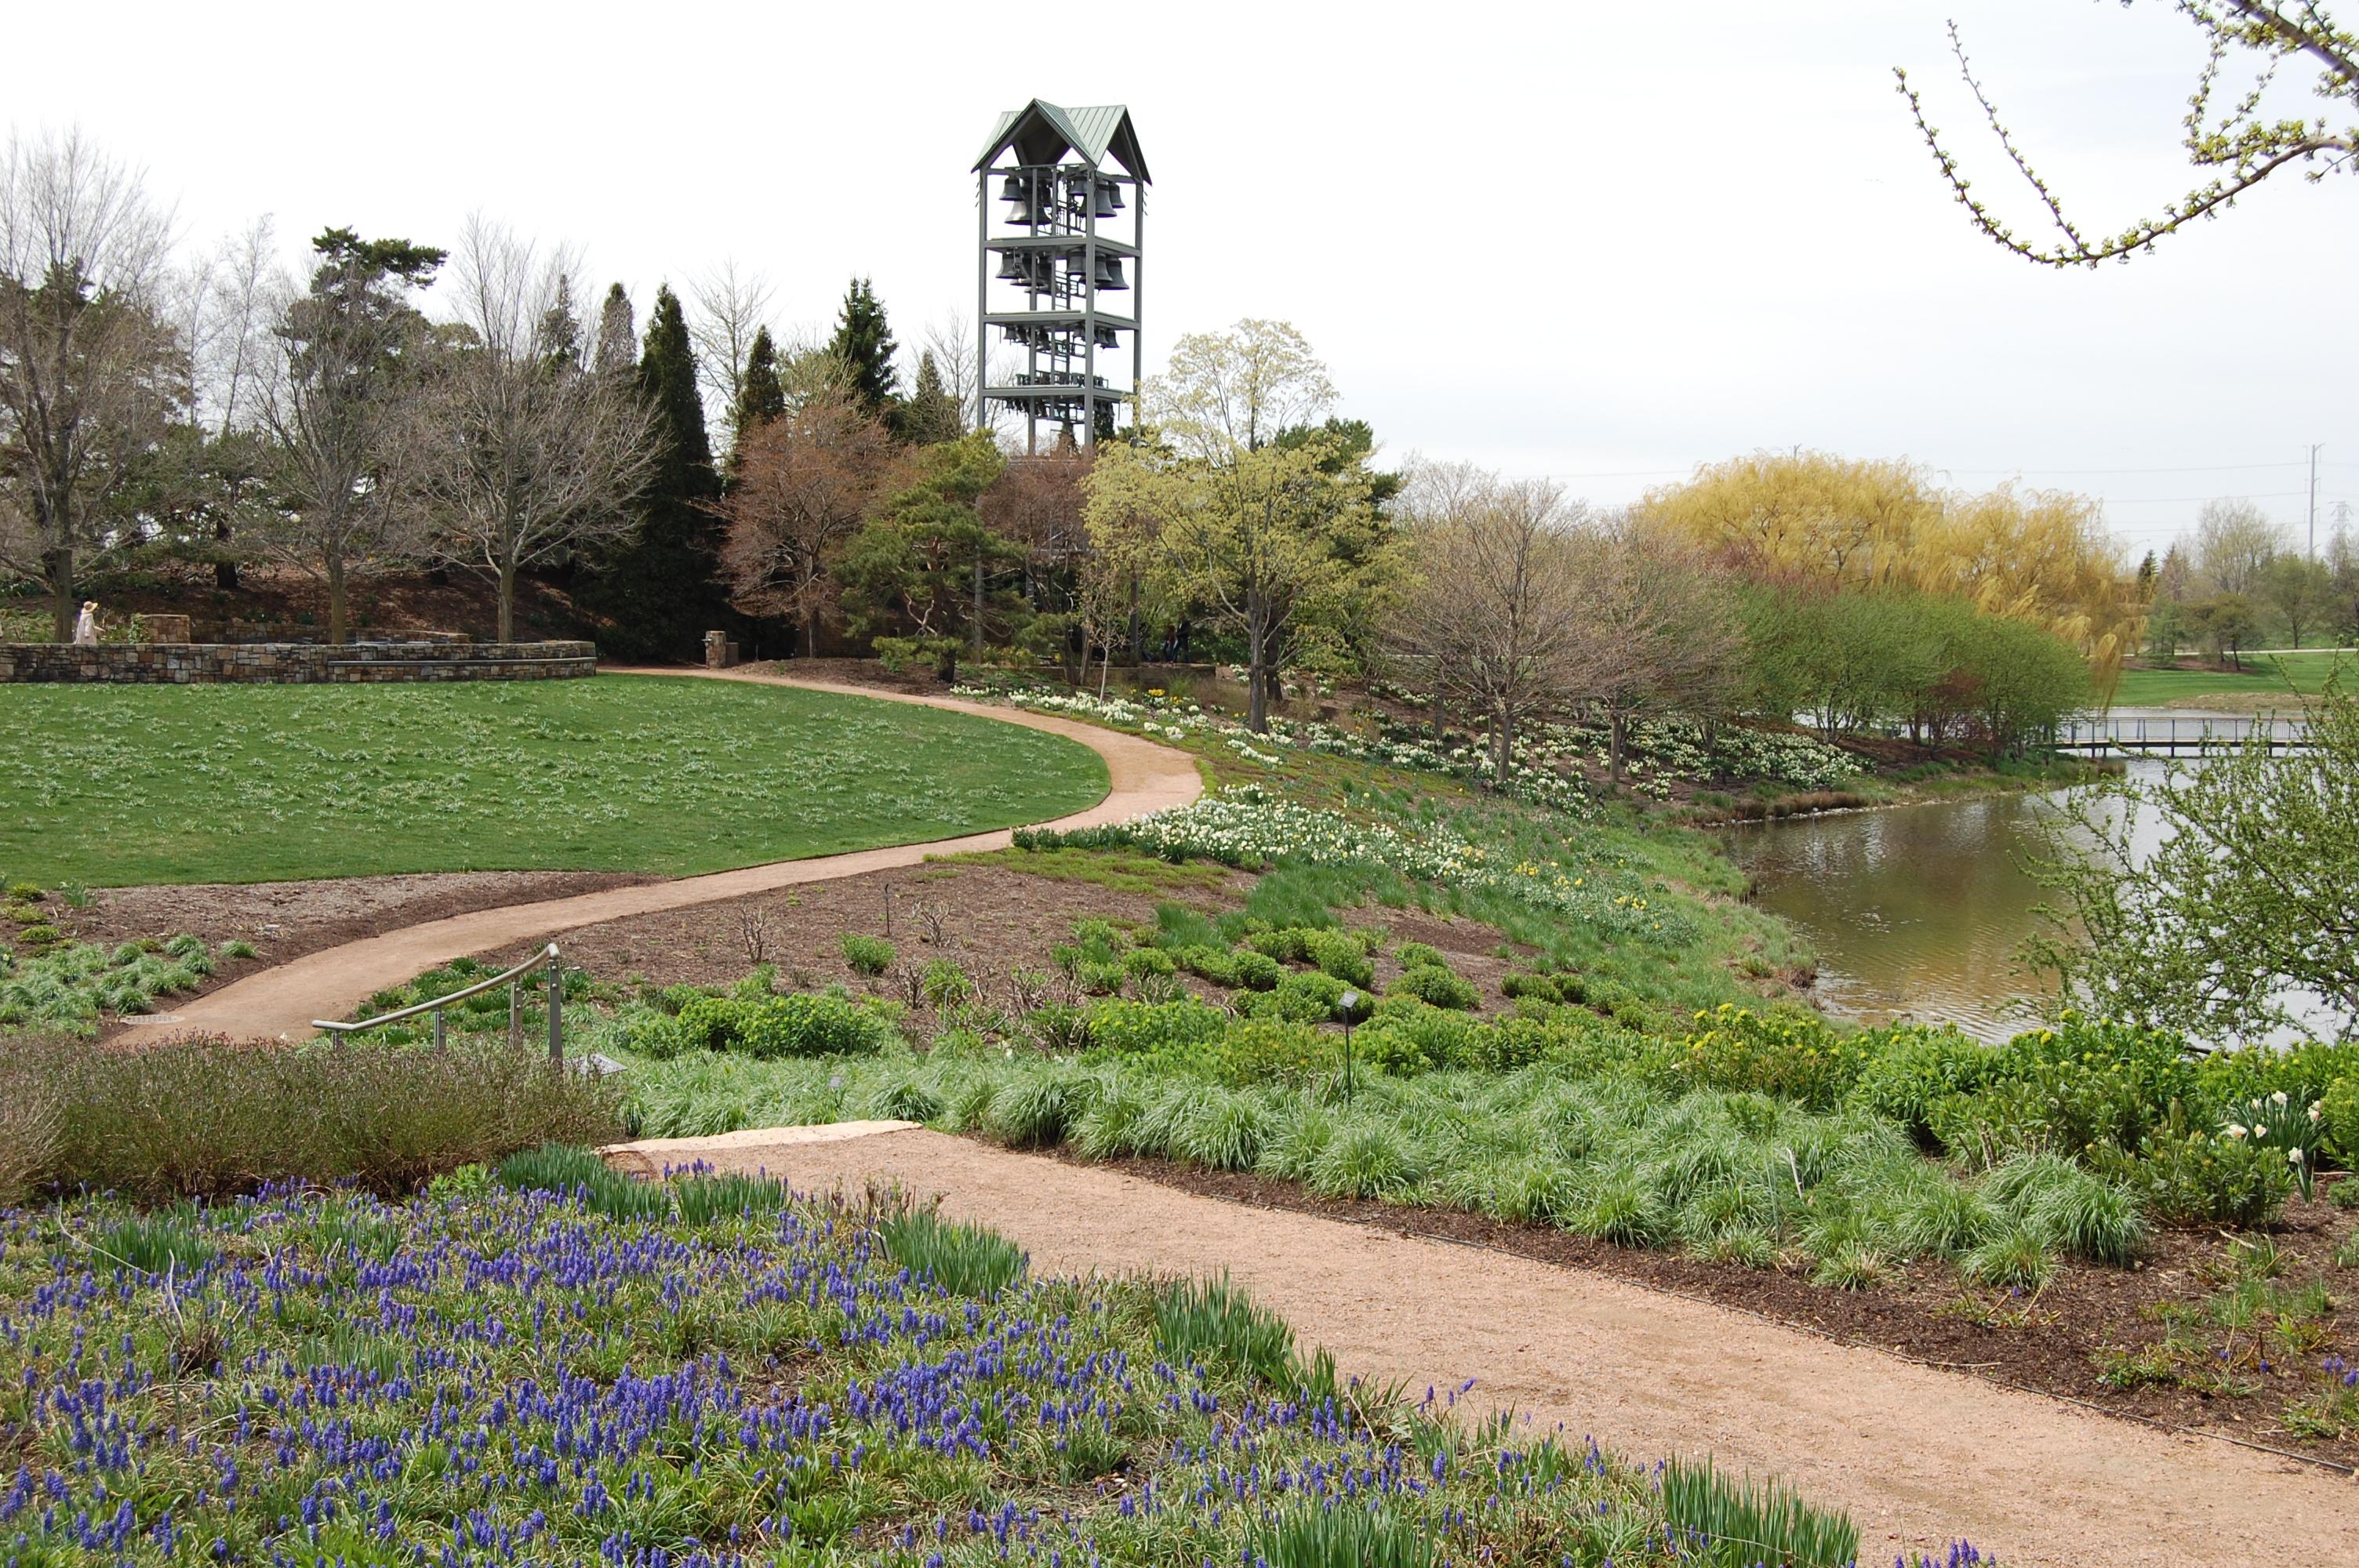 Carillon Tower, Chicago Botanic Garden, Evening Island